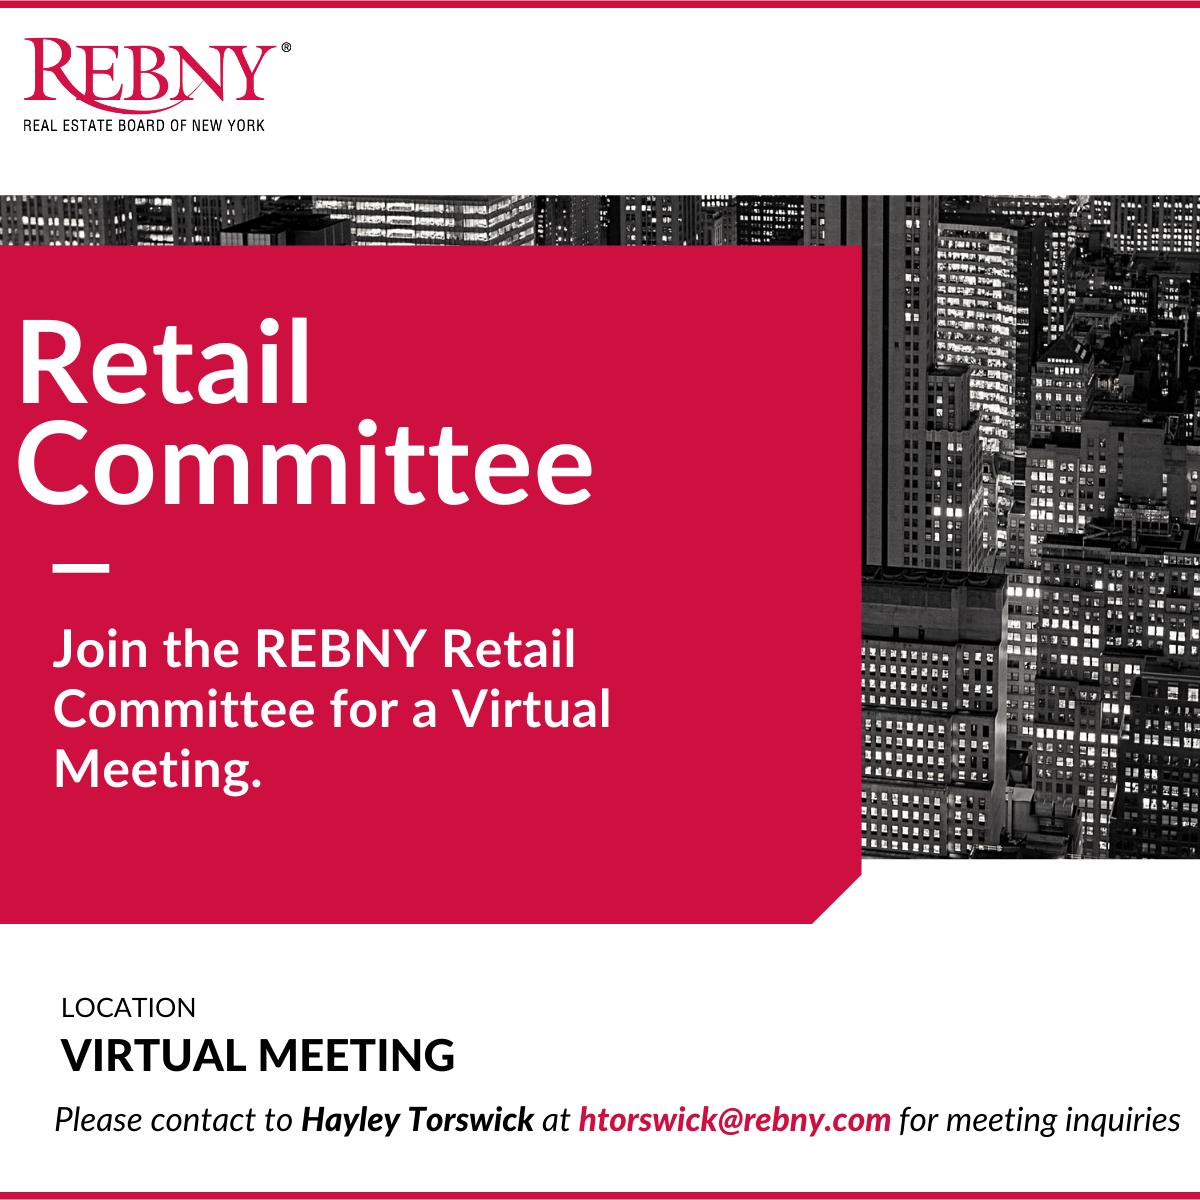 VIRTUAL: Commercial Brokerage Retail Committee Meeting